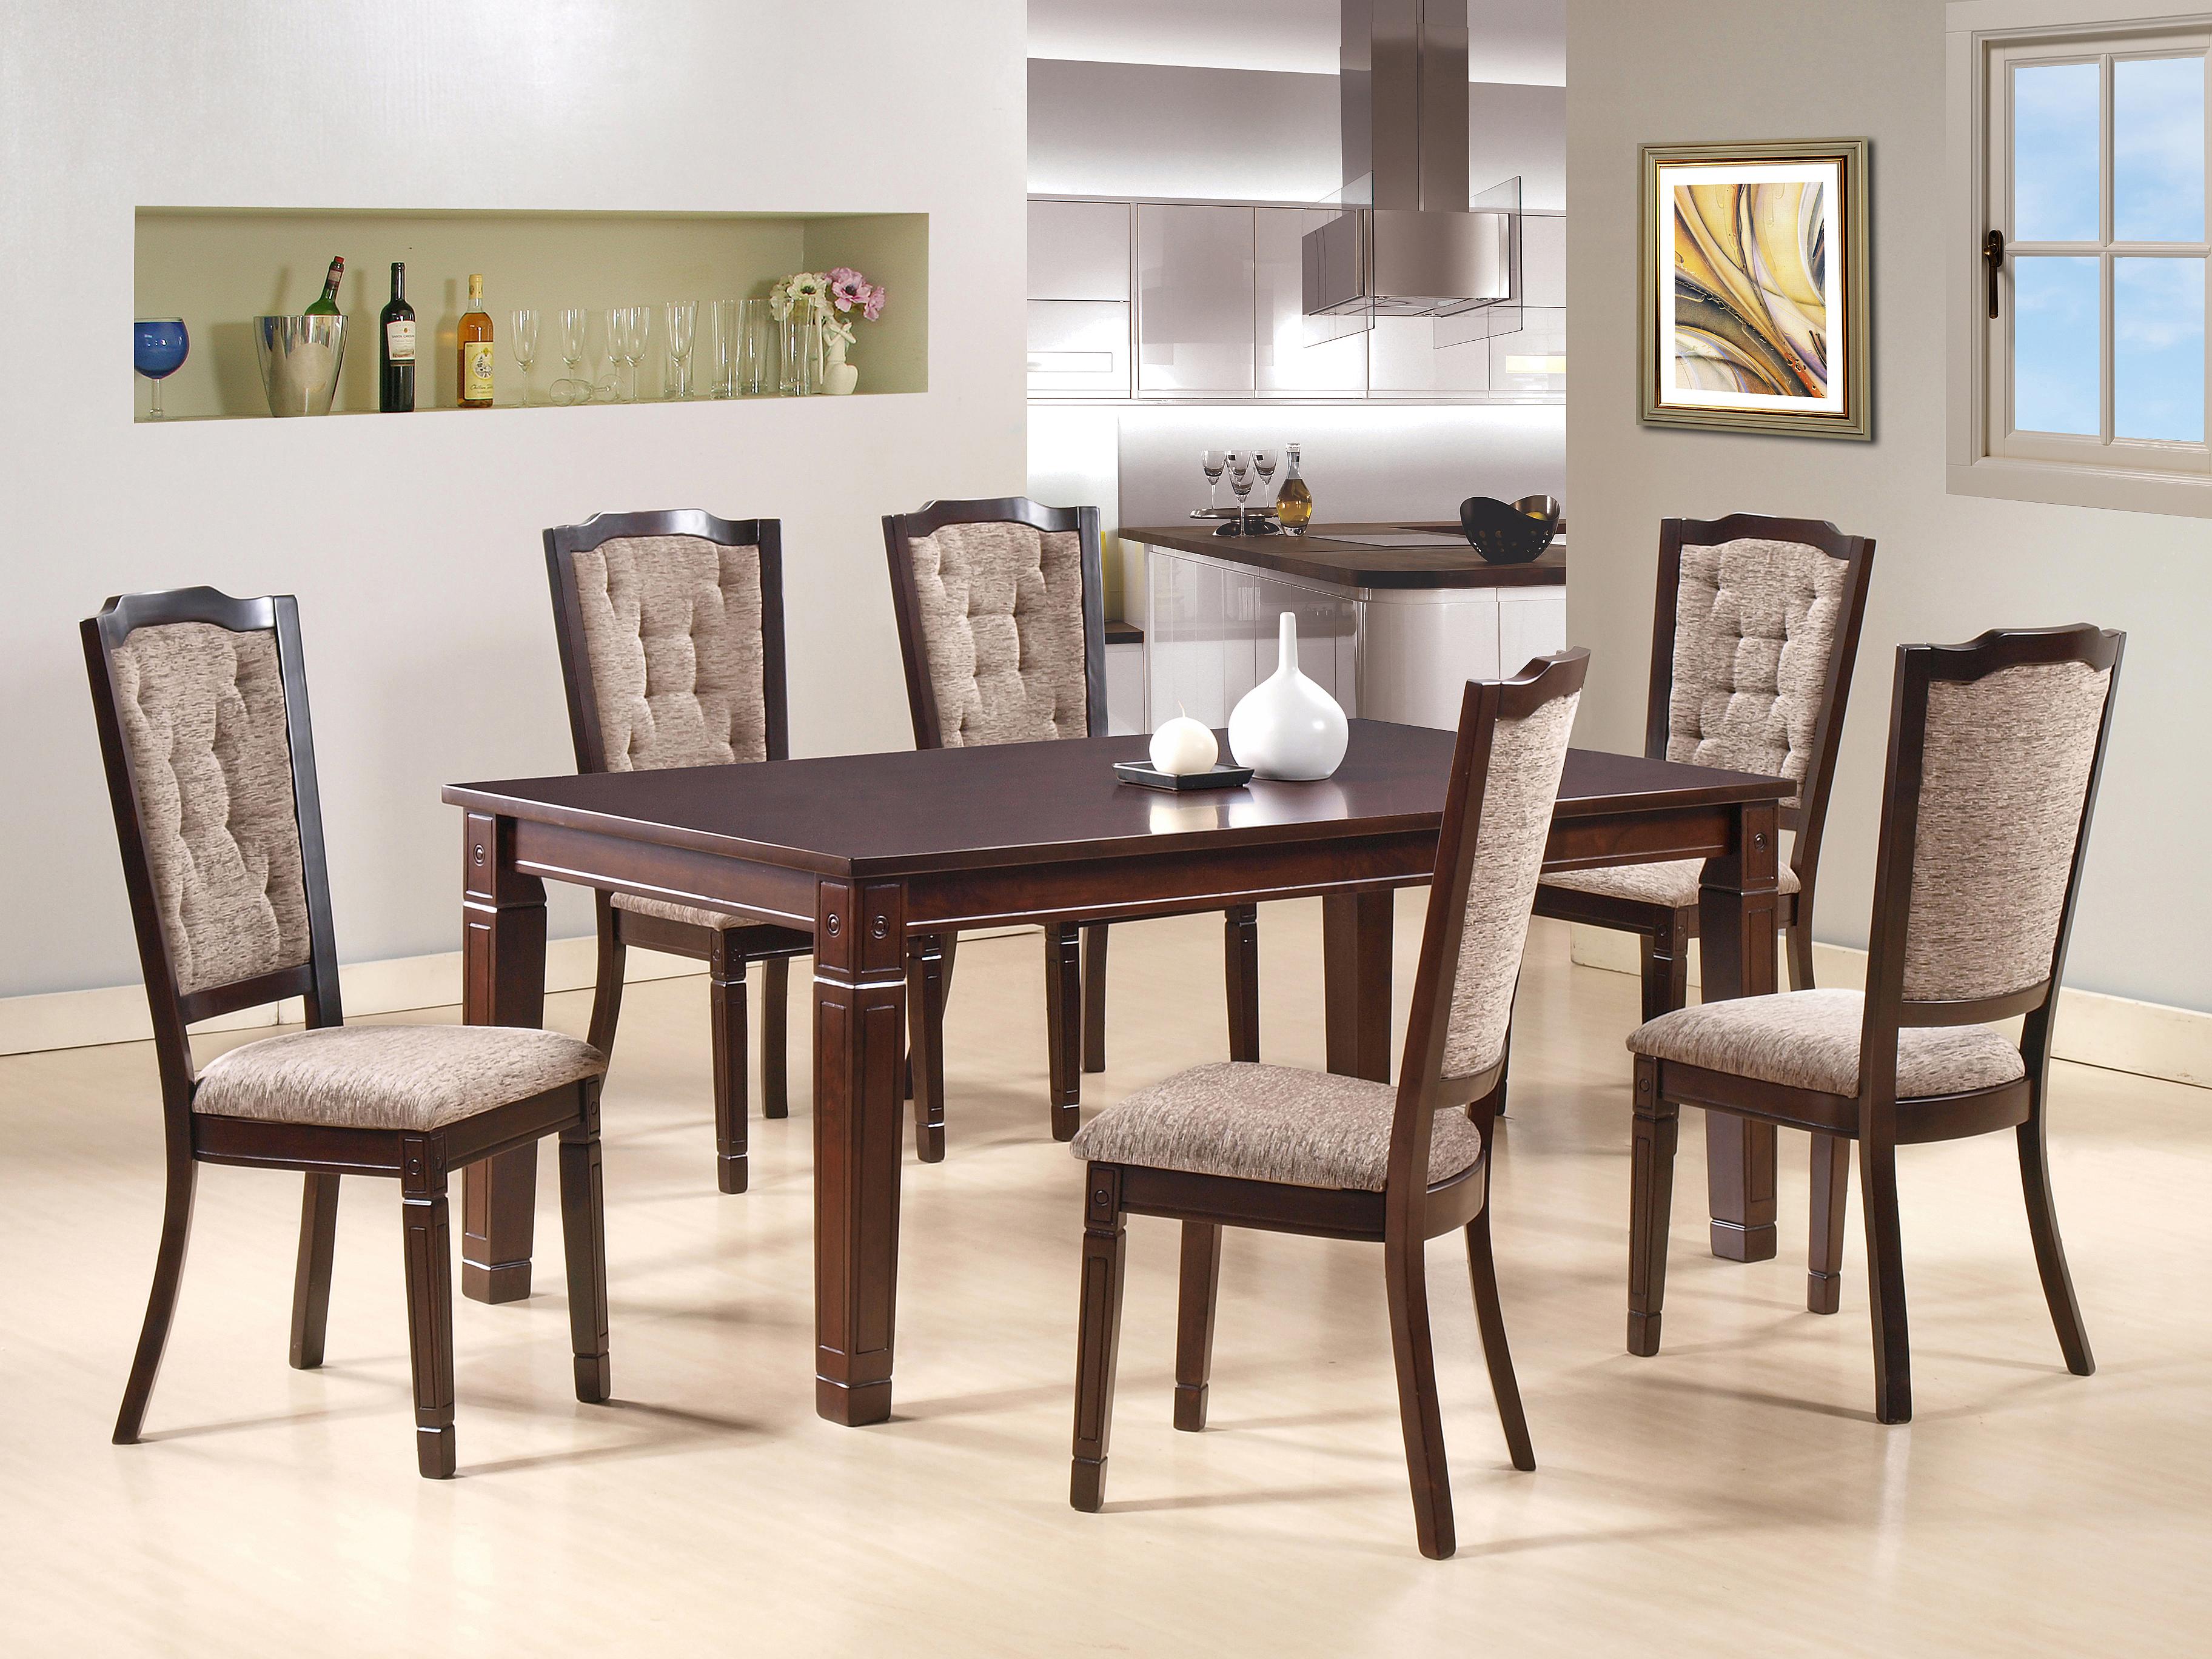 Cazolia 6 Cushion Chair 1 Square T End 12 4 2019 11 15 Pm